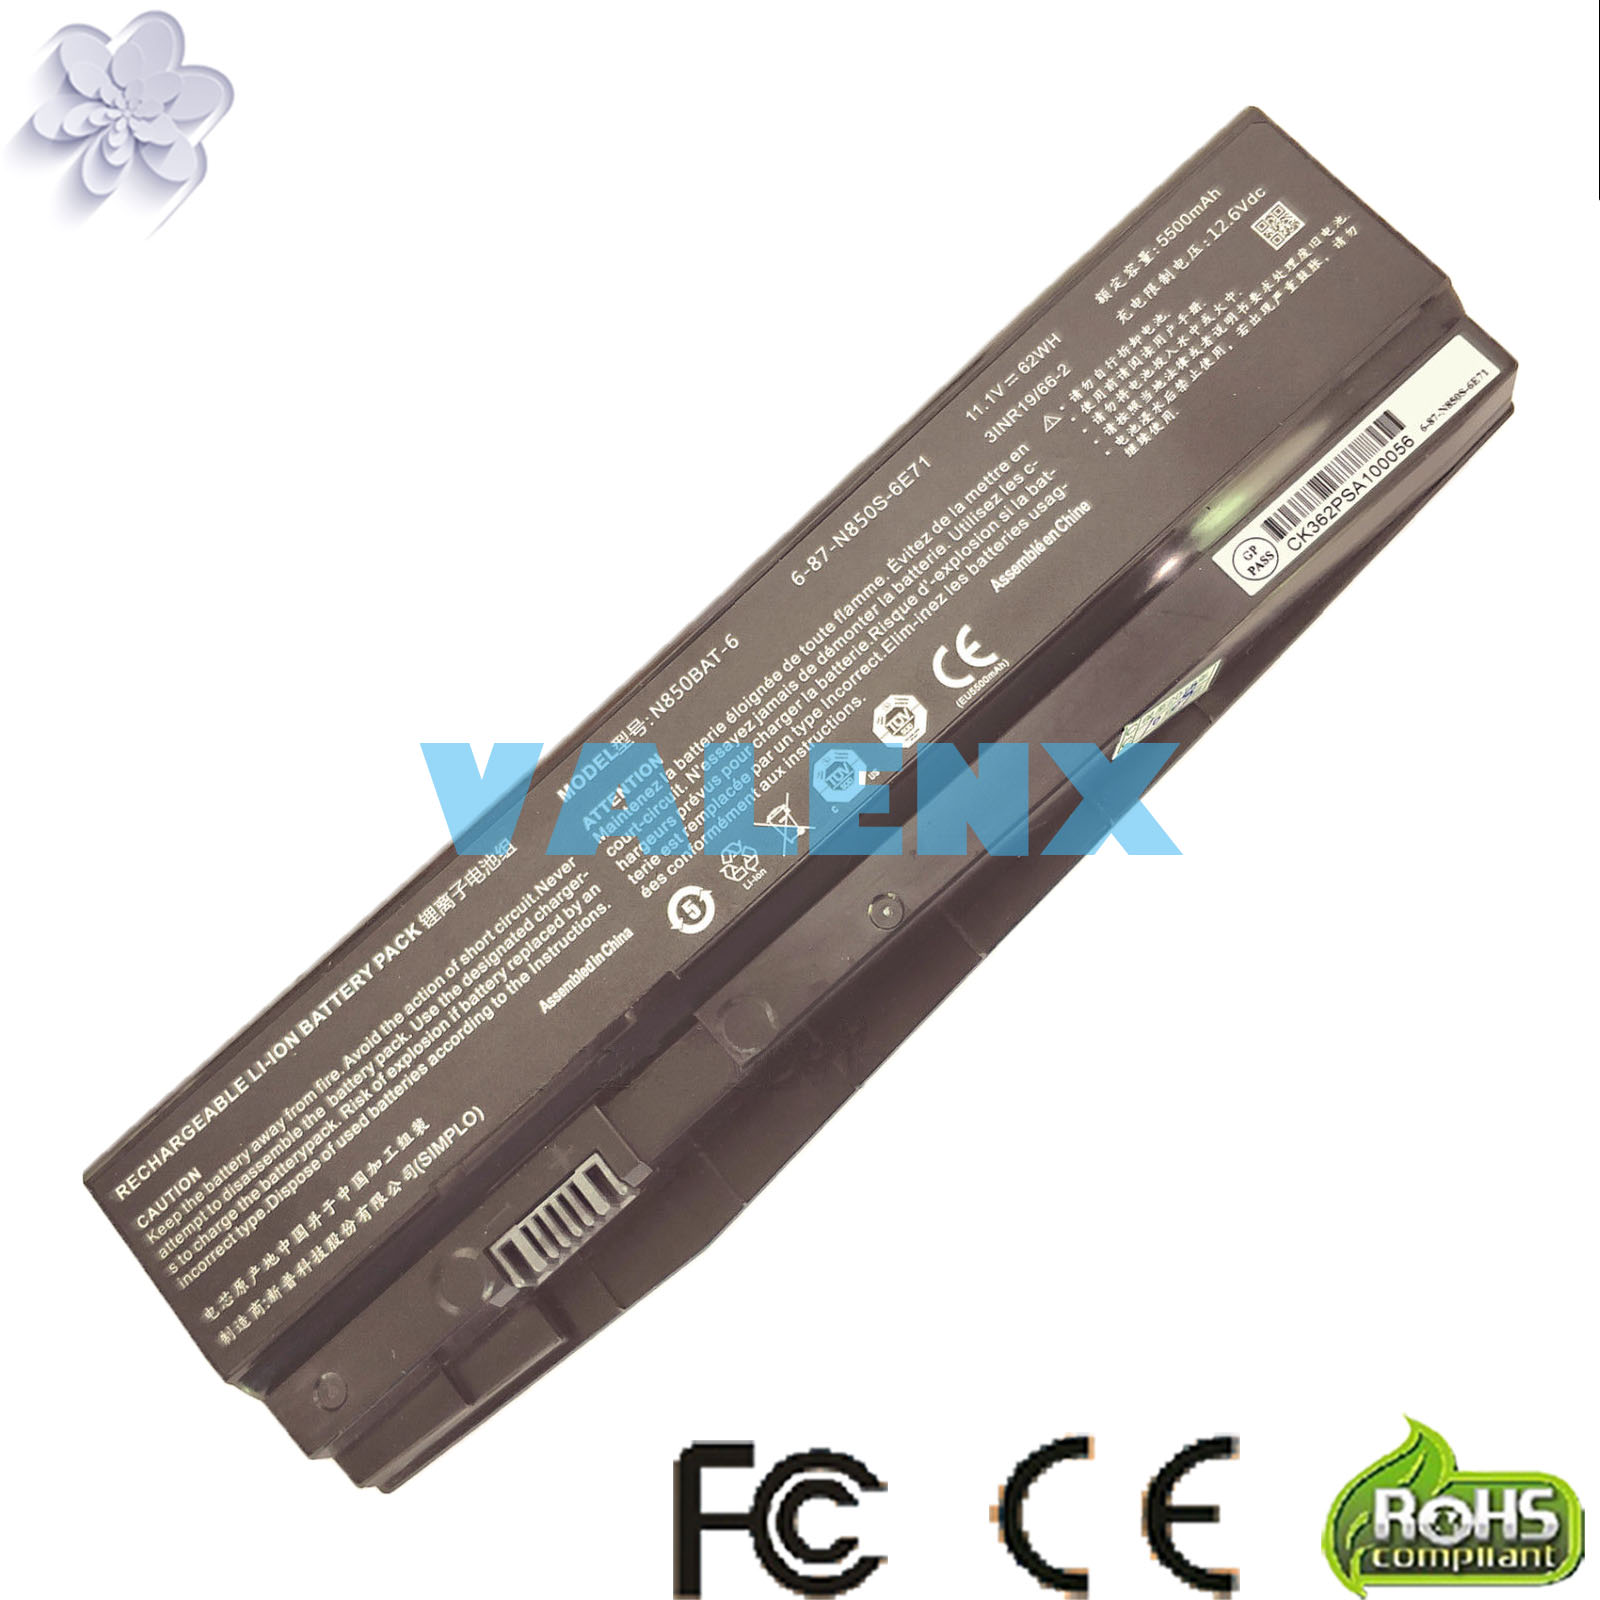 6 87 N850S 6U7 6 87 N850S 6E7 N850BAT 6 Battery For Schenker Technologies XMG A517 For CLEVO N850HC N850HJ N850HJ1 N850HK1